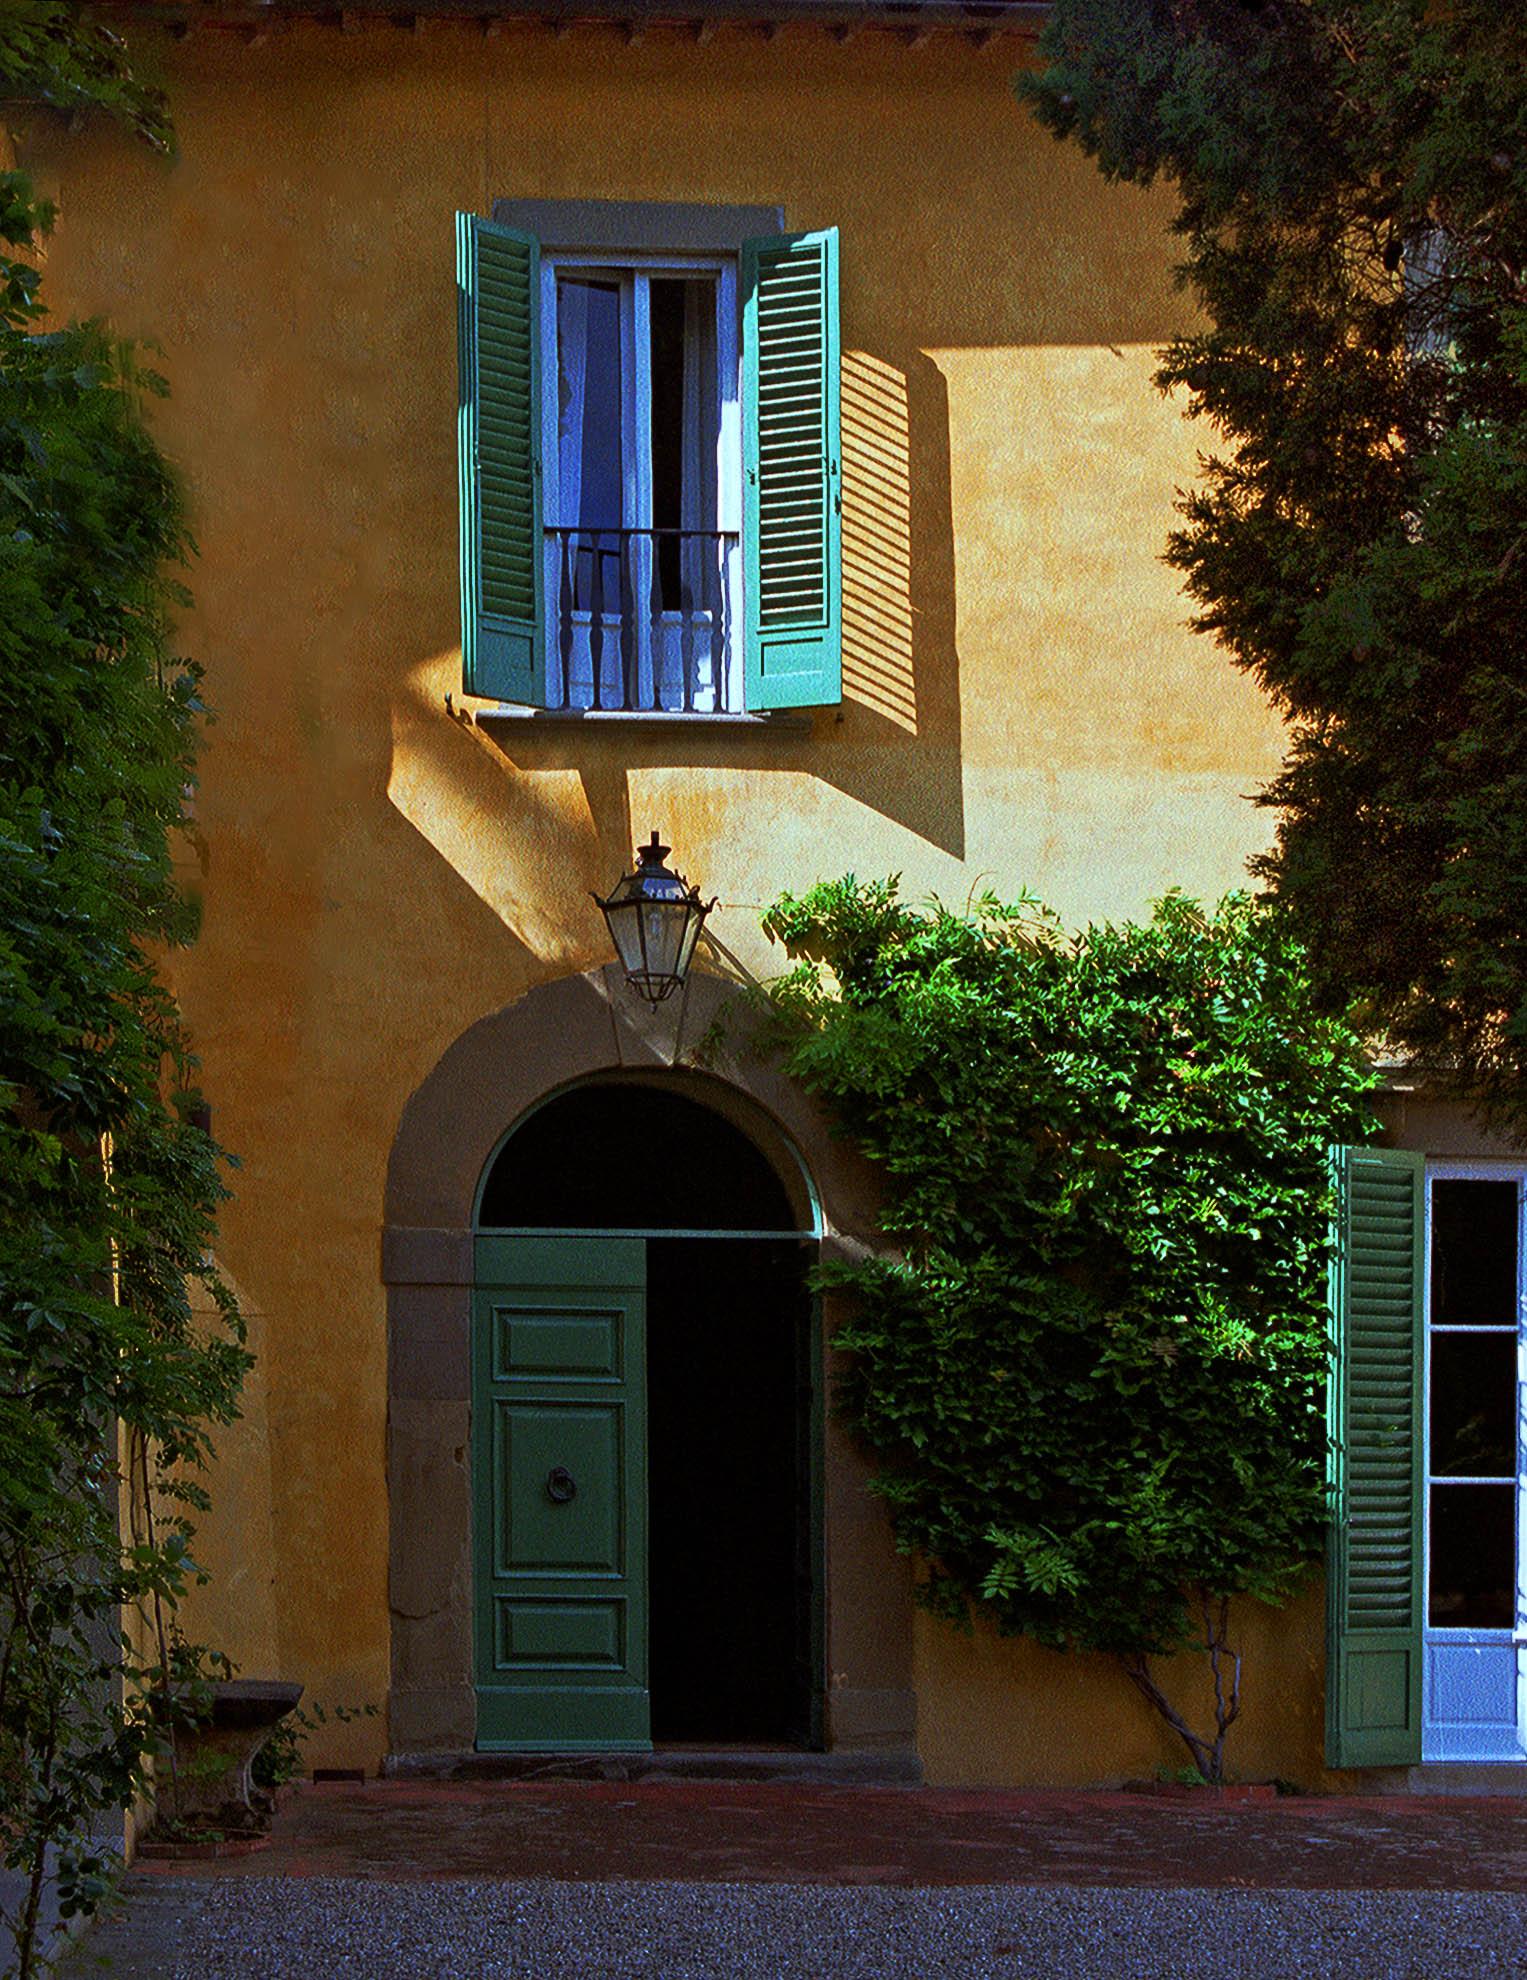 Italy - Tuscany - Villa Poggio